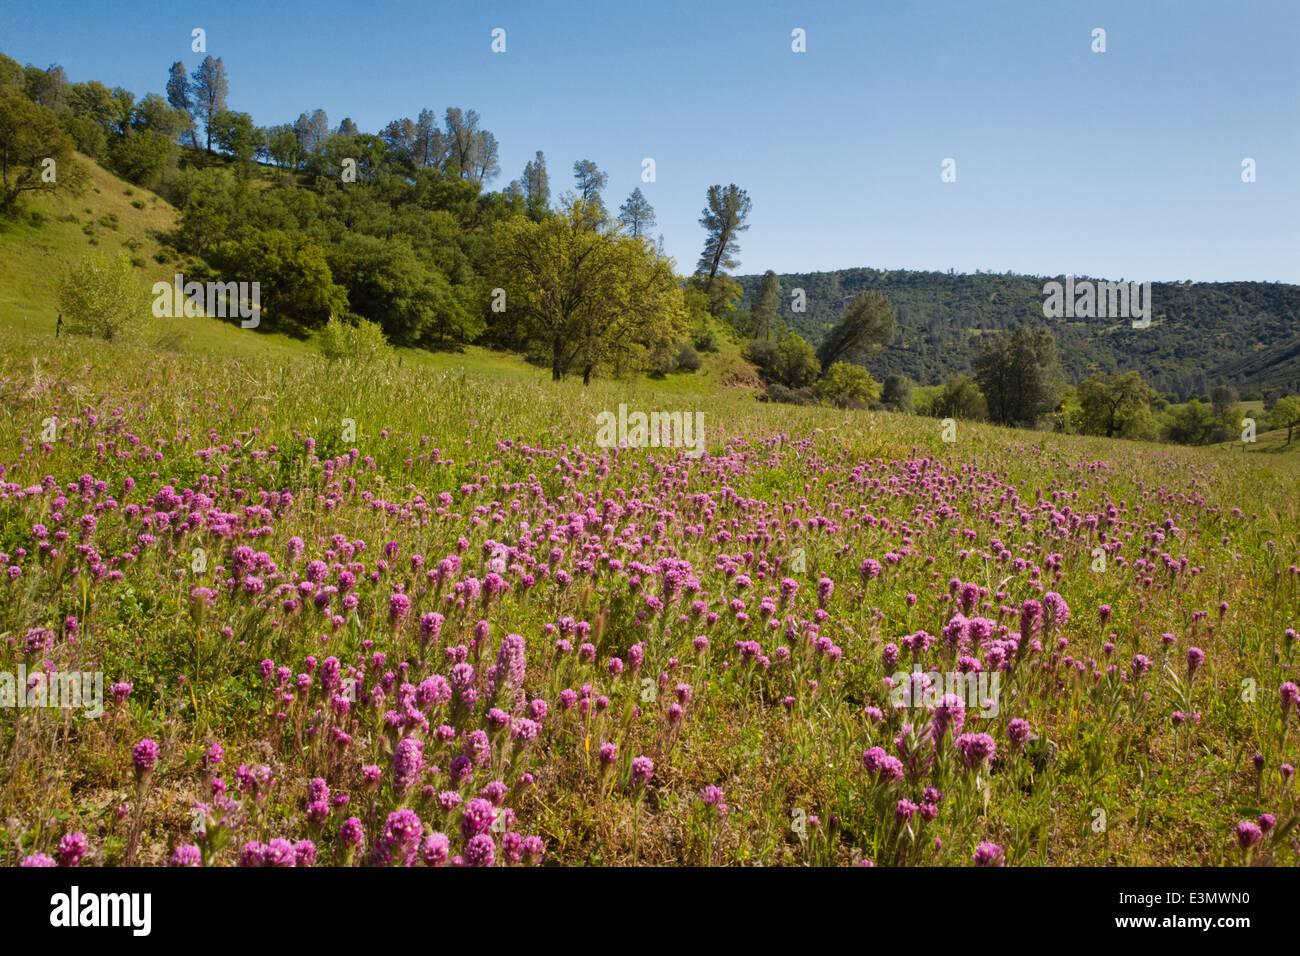 Eulen-Klee blüht auf einer Weide in eine Rinderfarm Coastal Range in Zentral-Kalifornien Stockbild